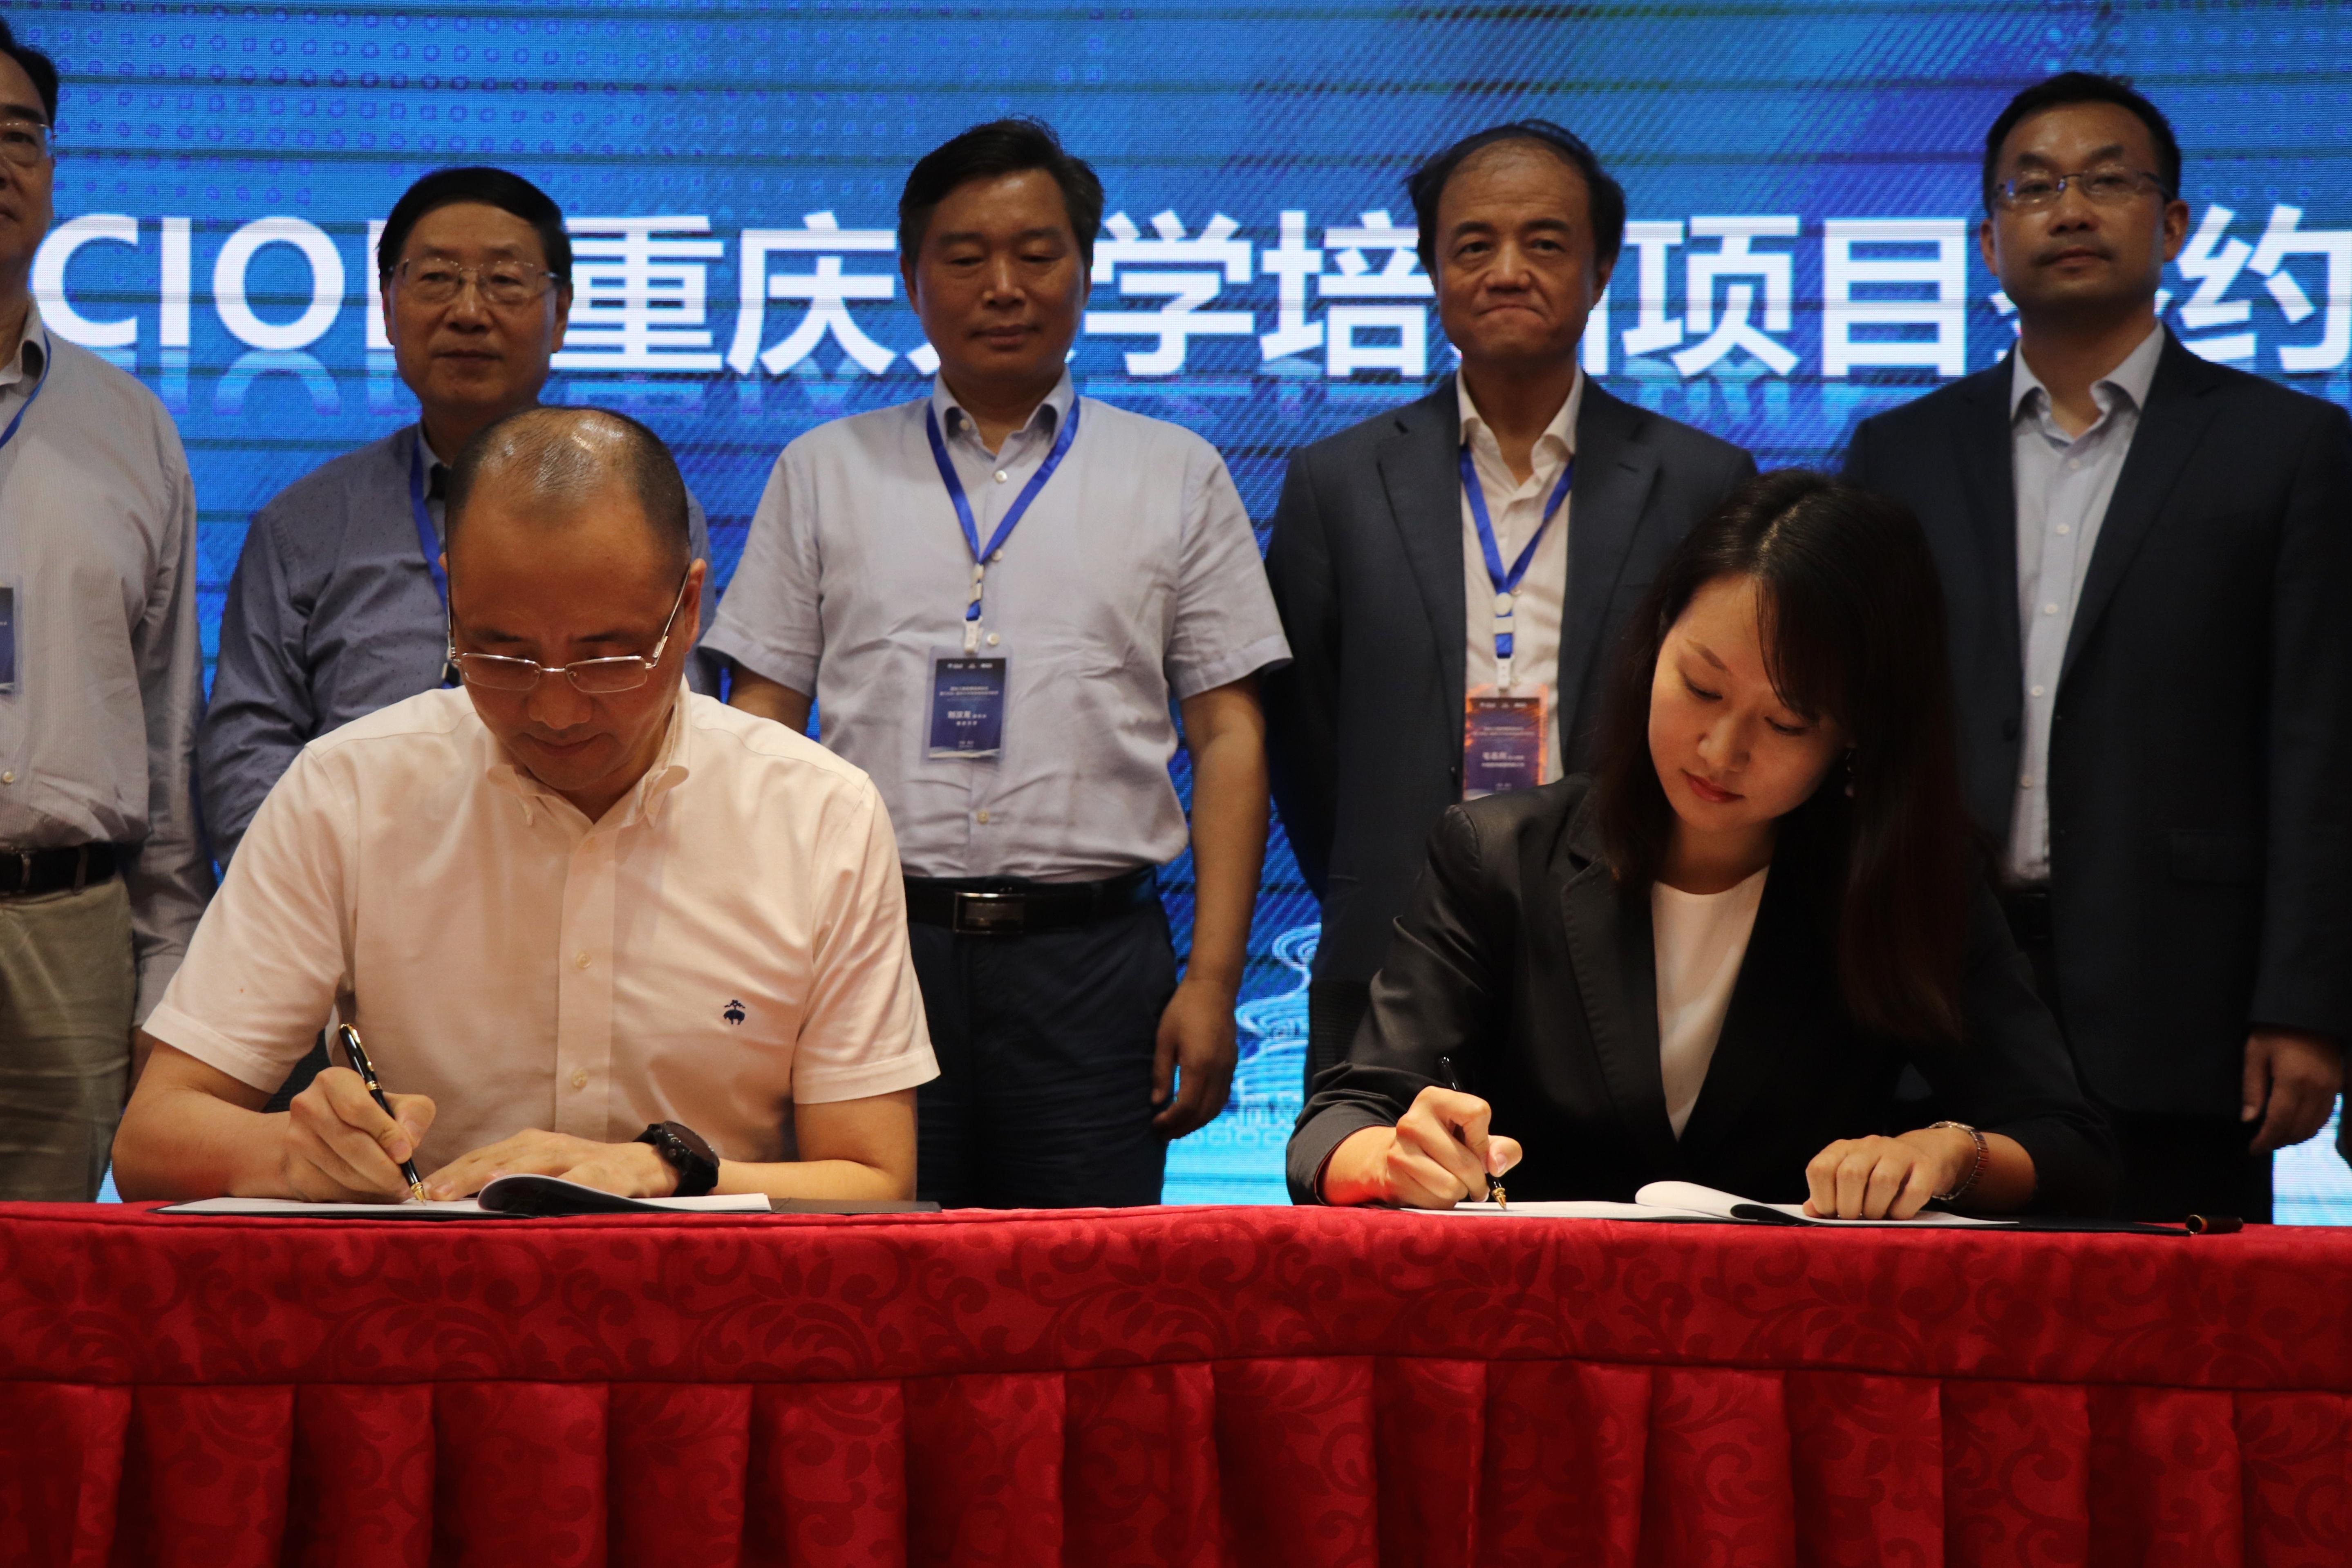 重庆大学CIOB签约仪式2